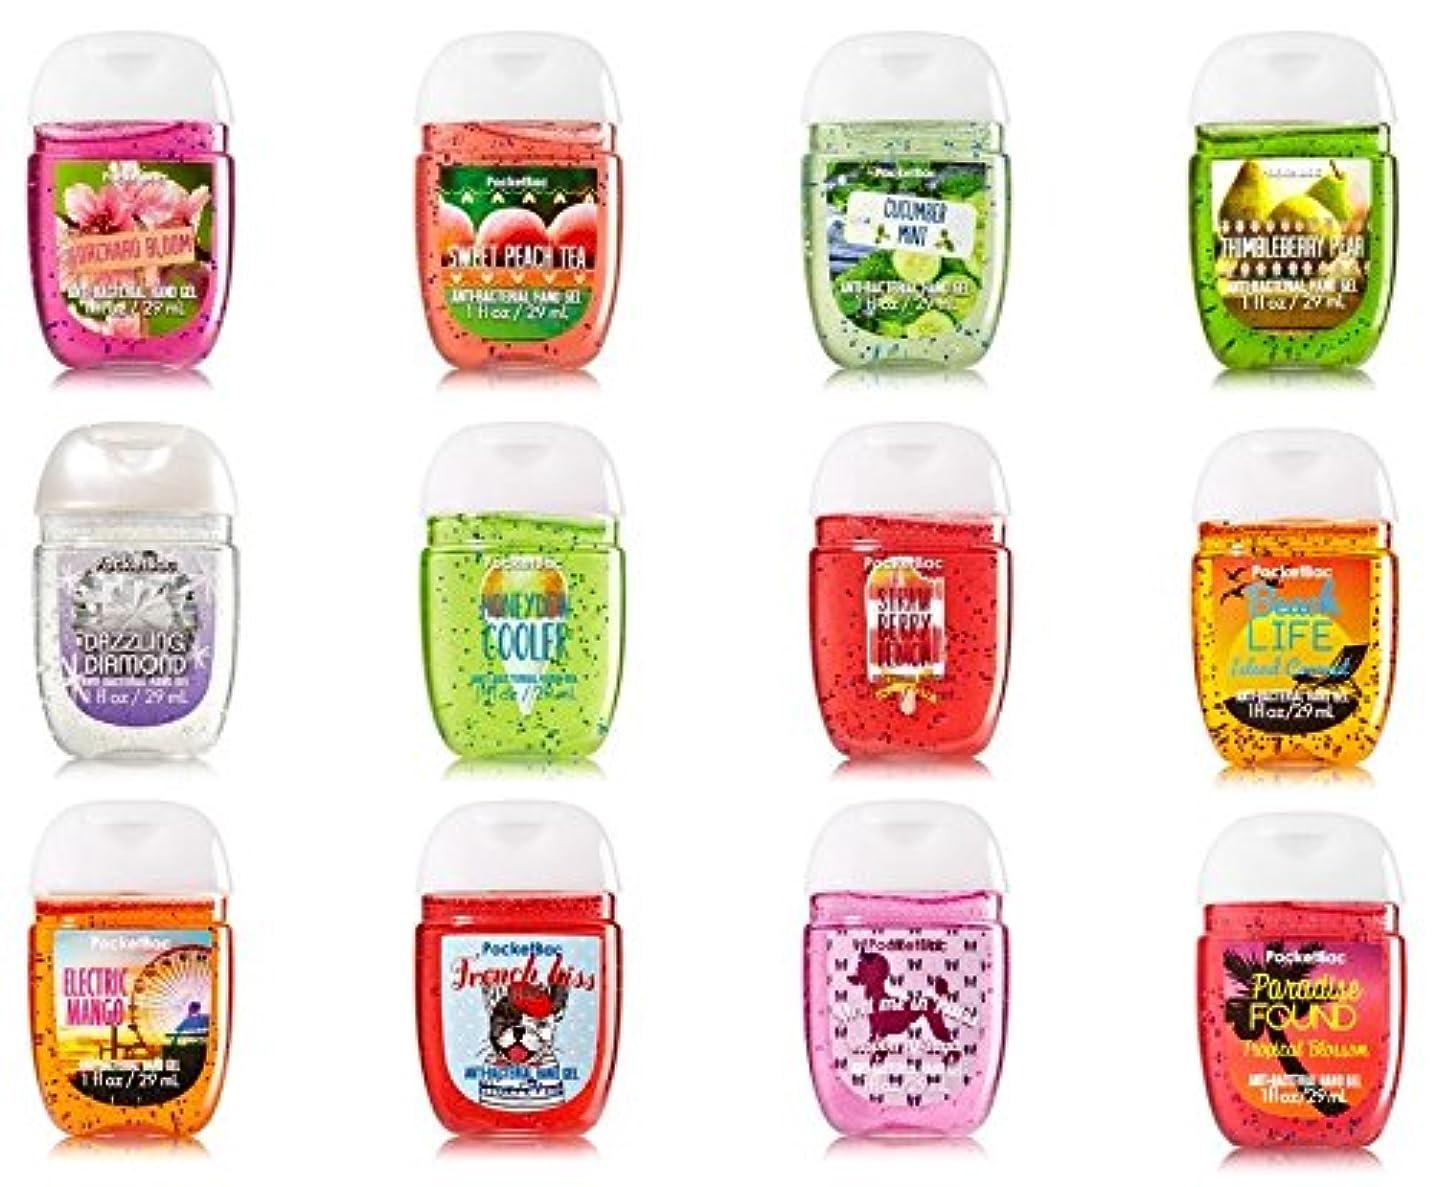 レンダーほこりっぽい限られた【アメリカ直送】Bath & Body Works Pocketbac Variety 12pk  バス&ボディワークス 水のいらない消毒ジェル 抗菌ハンドジェル 12個セット 各29ml